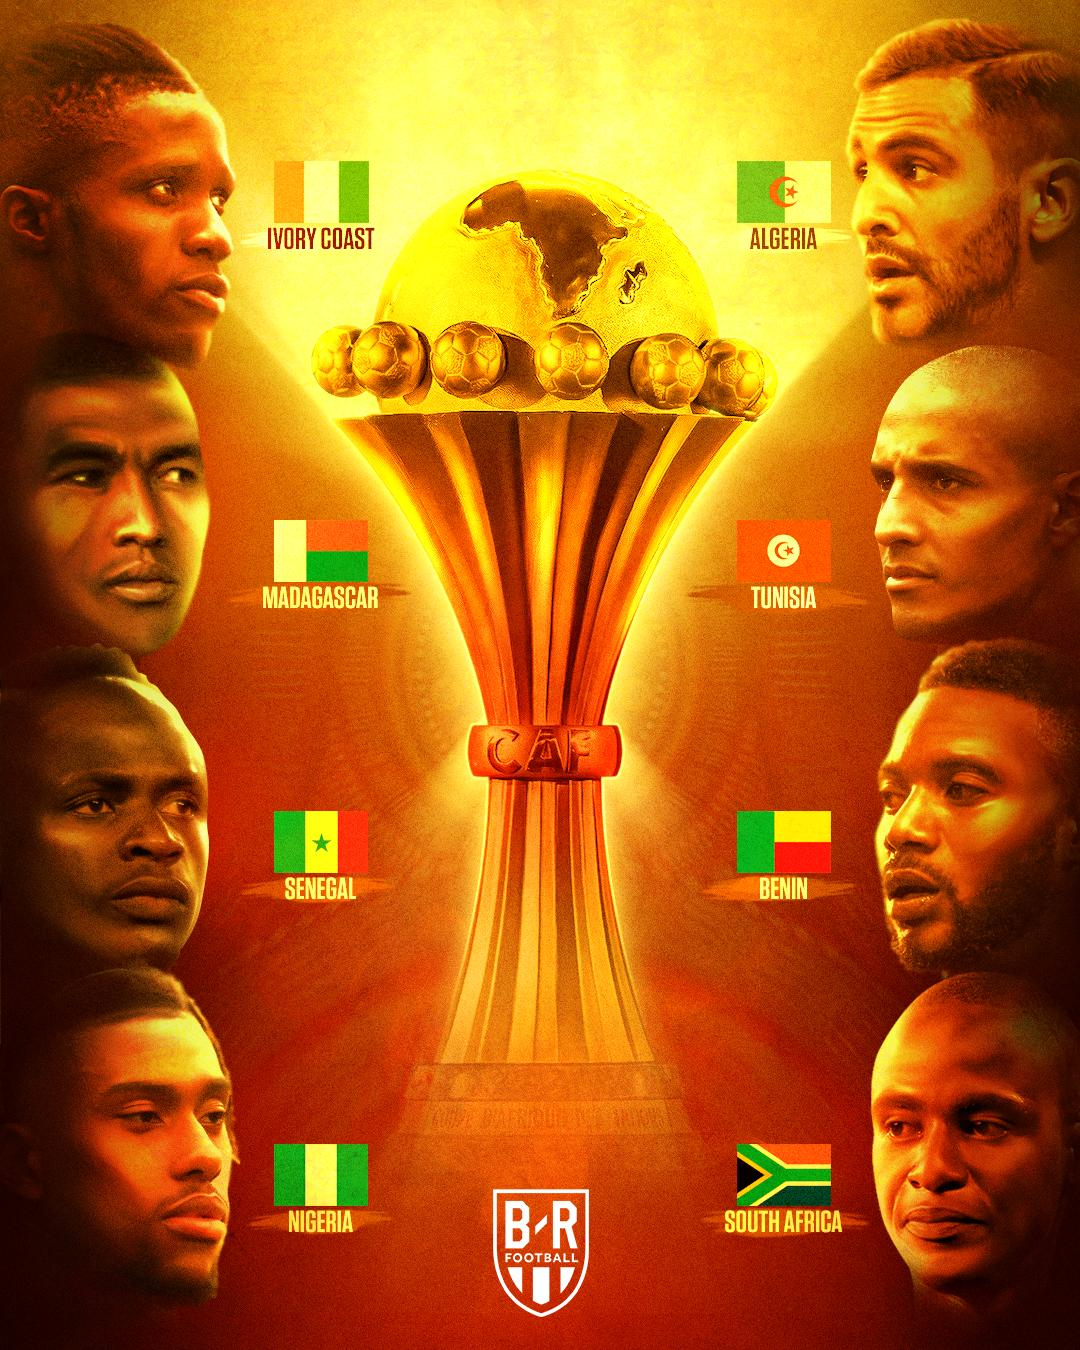 """مواعيد مباريات دور الـ 8 """"دور الكبار"""" في بطولة كأس الأمم الإفريقية 2019 1"""